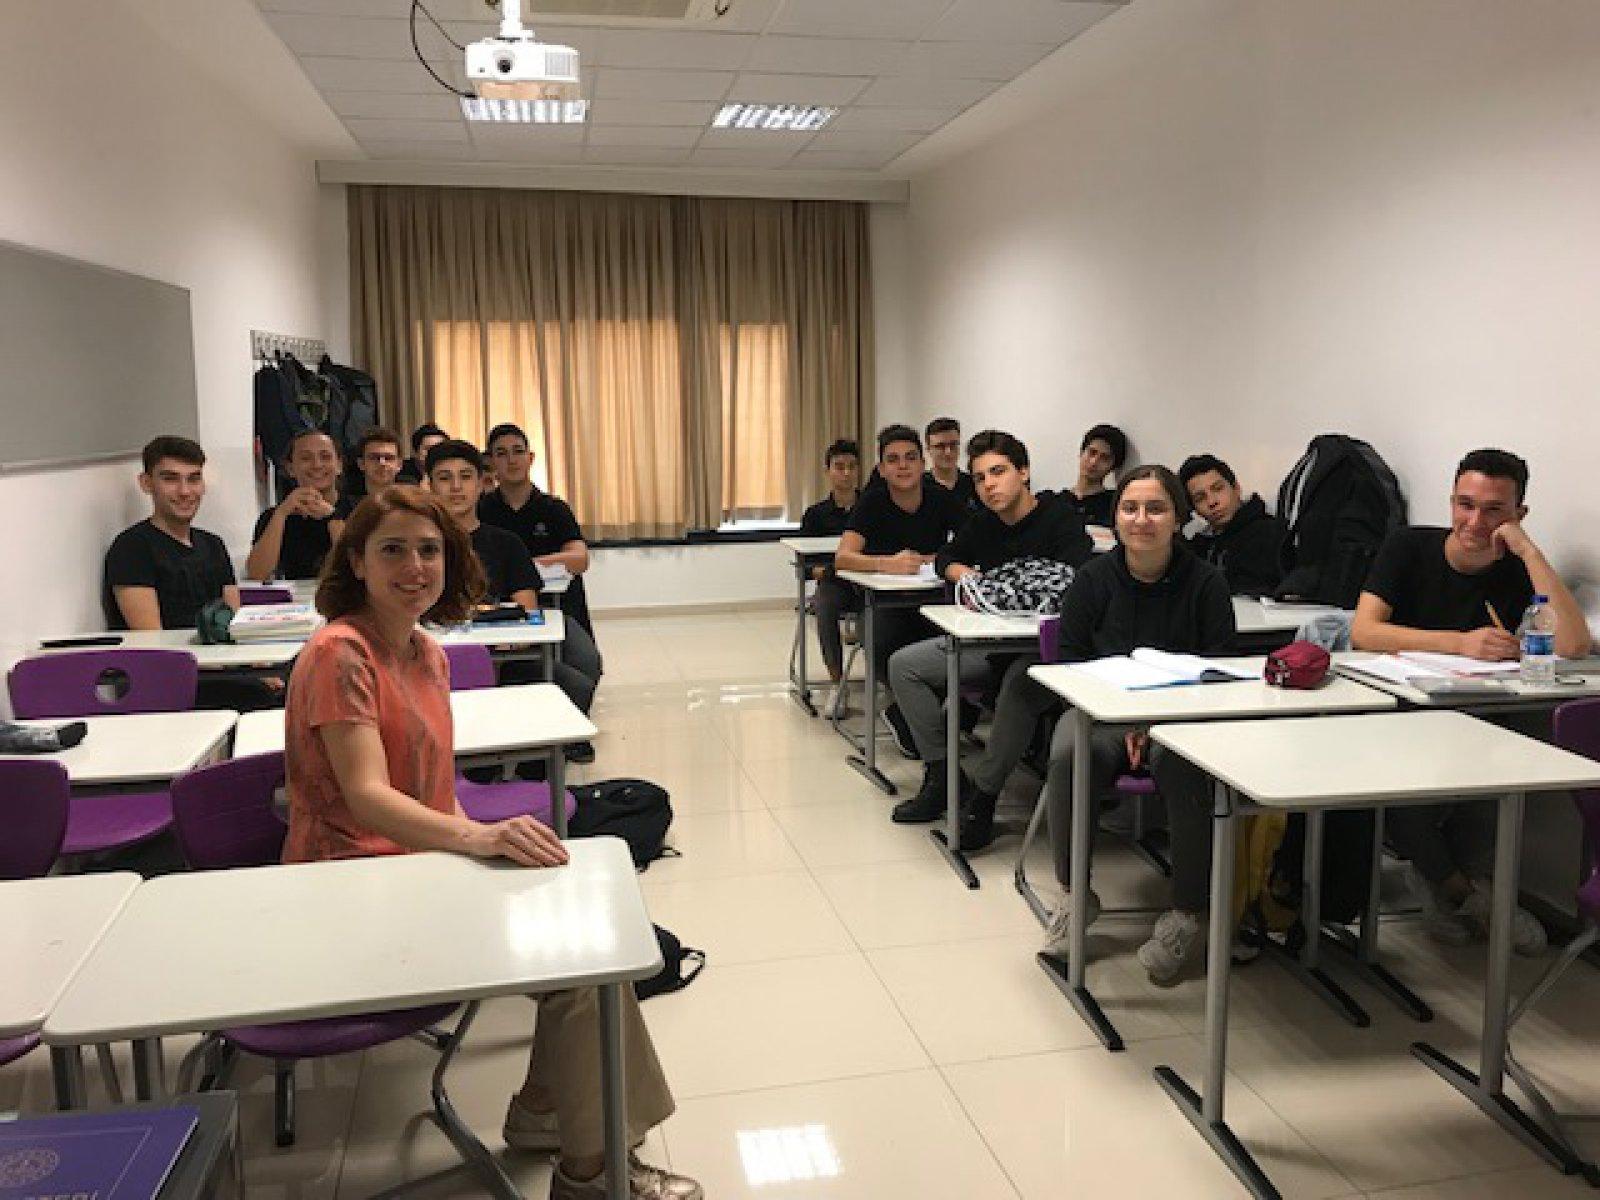 Yükseköğretim Kurumları Sınavı ve 11. Sınıfın Önemi